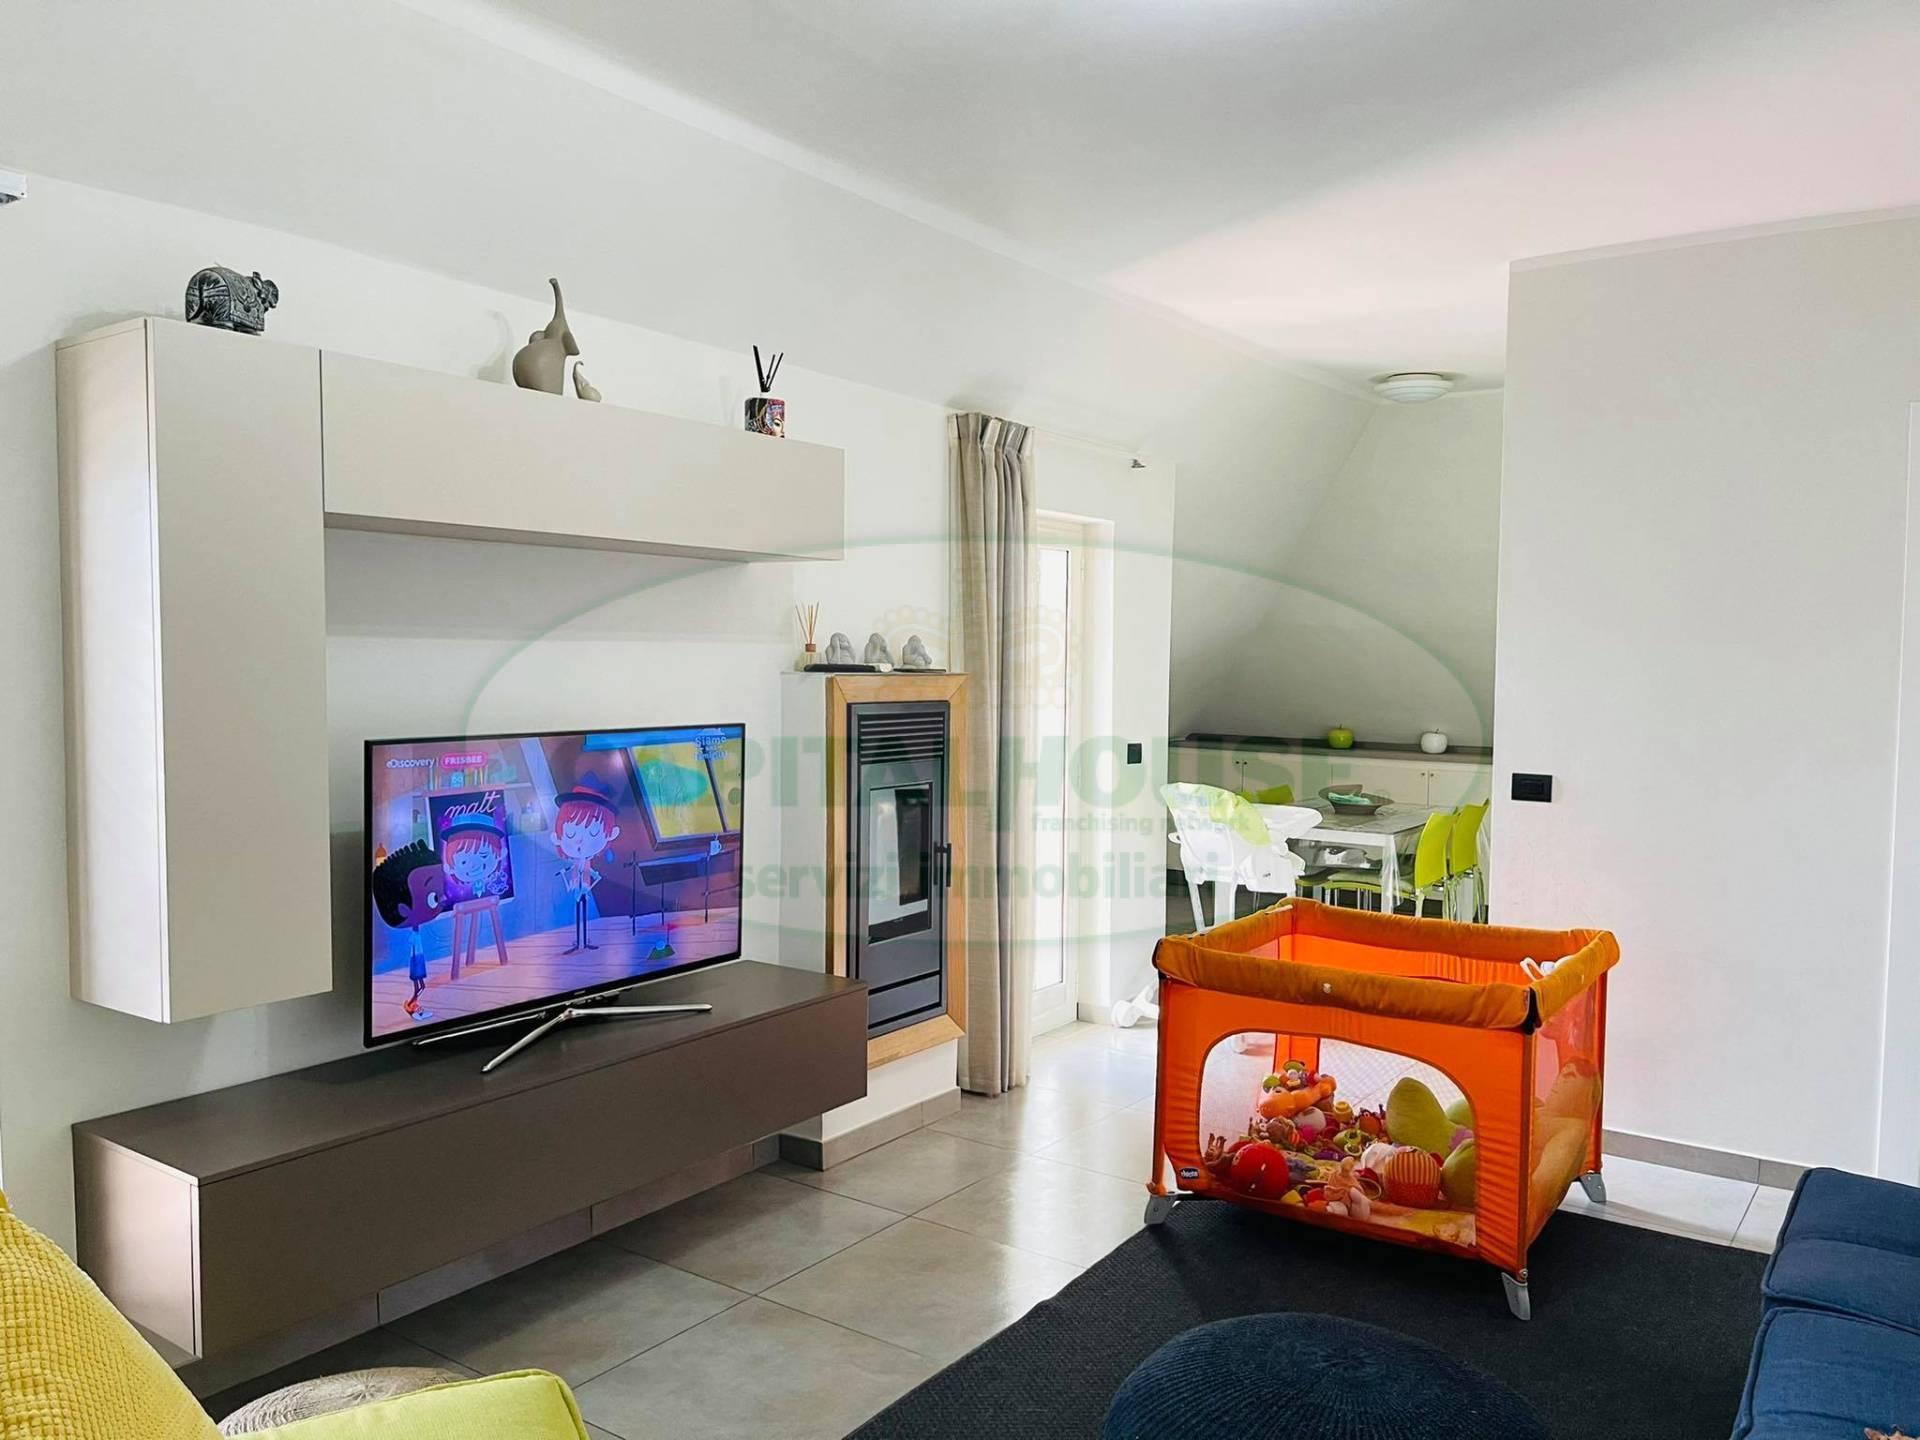 Appartamento in vendita a Sperone, 3 locali, prezzo € 73.000 | PortaleAgenzieImmobiliari.it